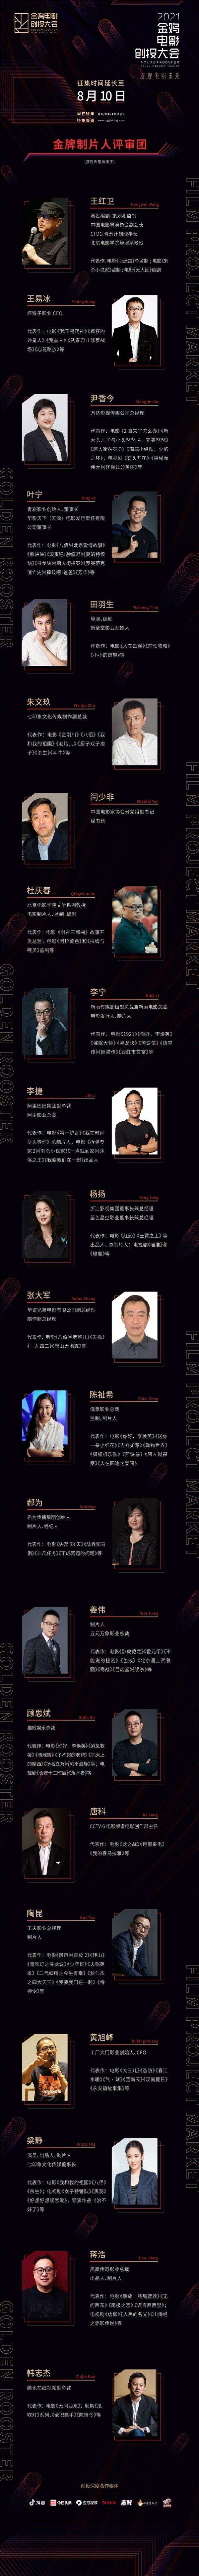 2021年金鸡电影创投大会发布预告片,揭晓金牌制片人评审团阵容